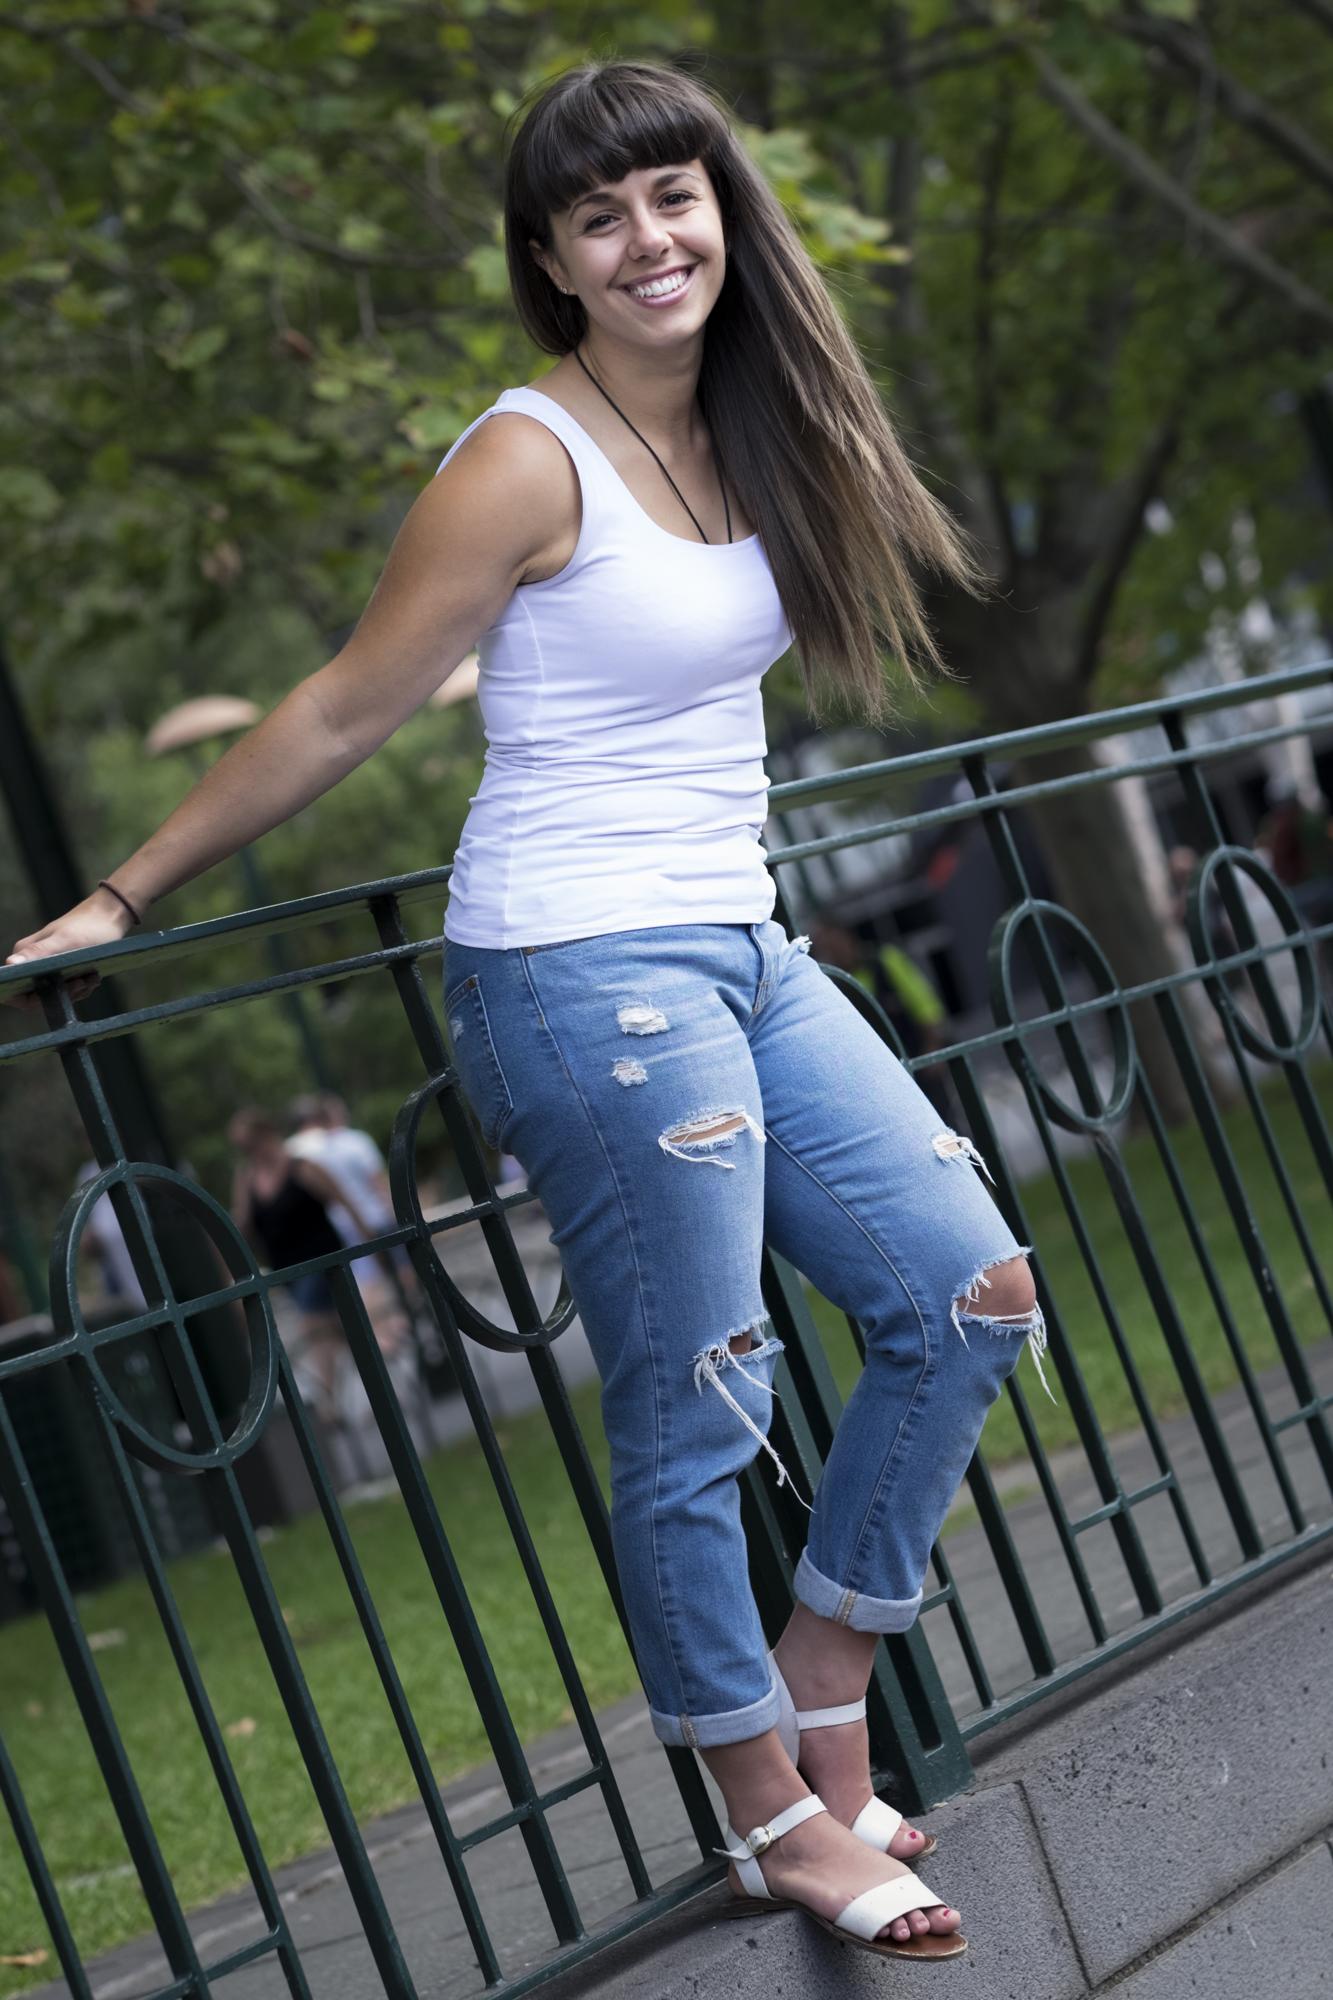 Luisa Full Body_Web_01.jpg